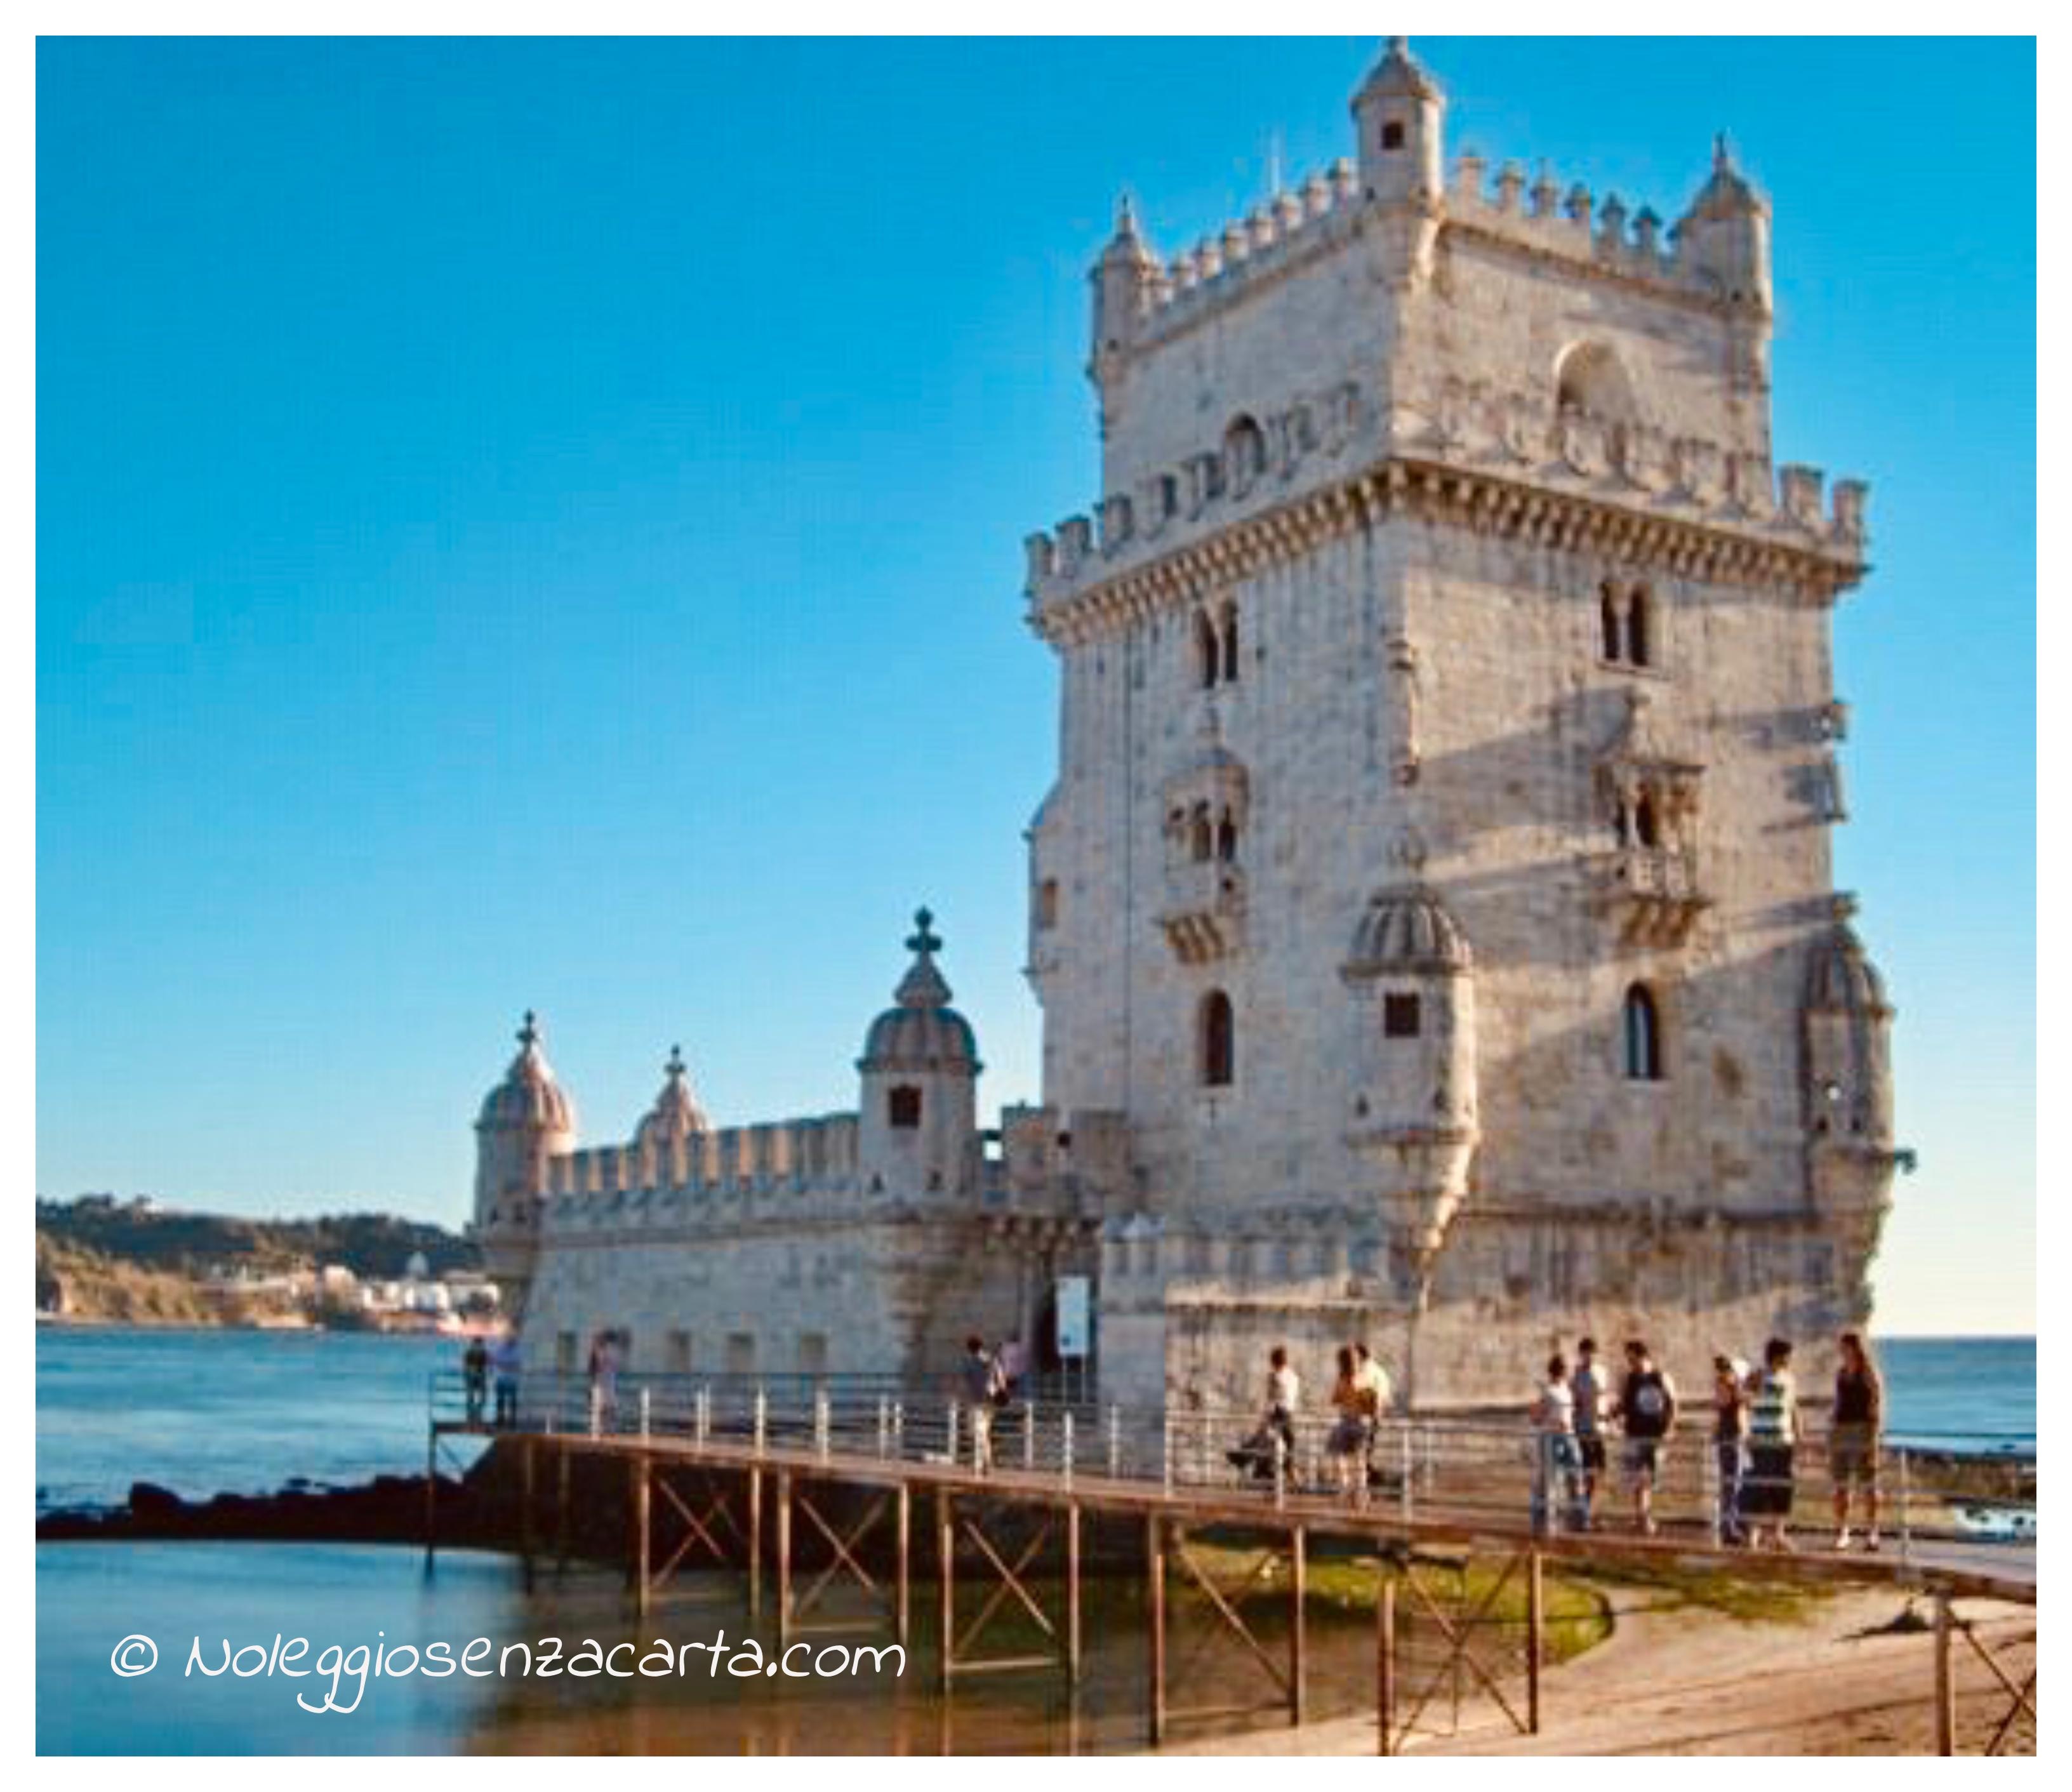 Alquiler coche sin tarjeta de crédito en Lisboa – Portugal